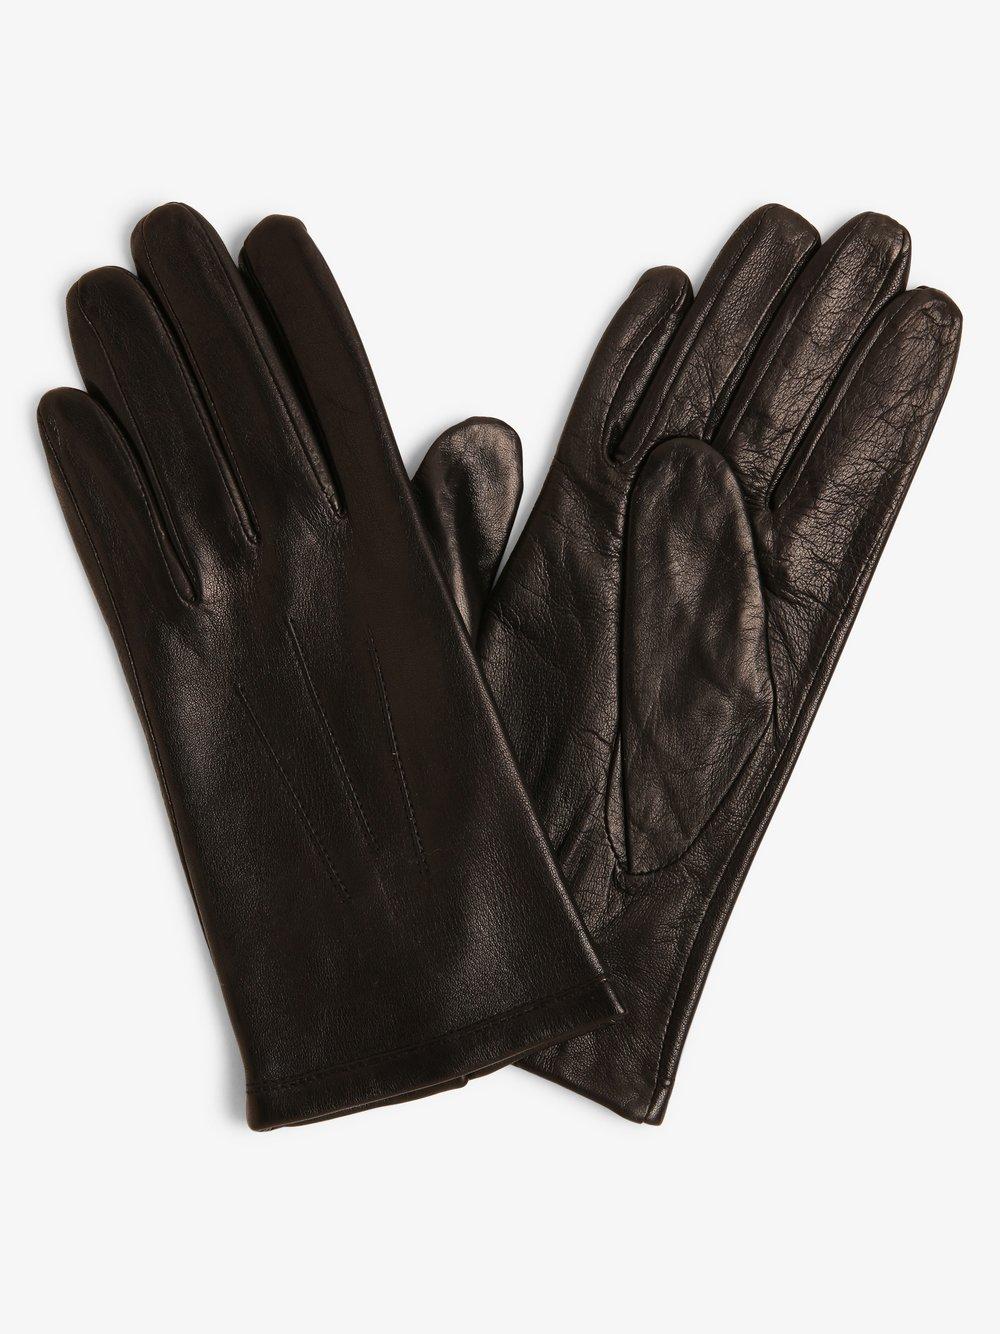 Melkonian – Skórzane rękawiczki damskie, czarny Van Graaf 449642-0001-09940